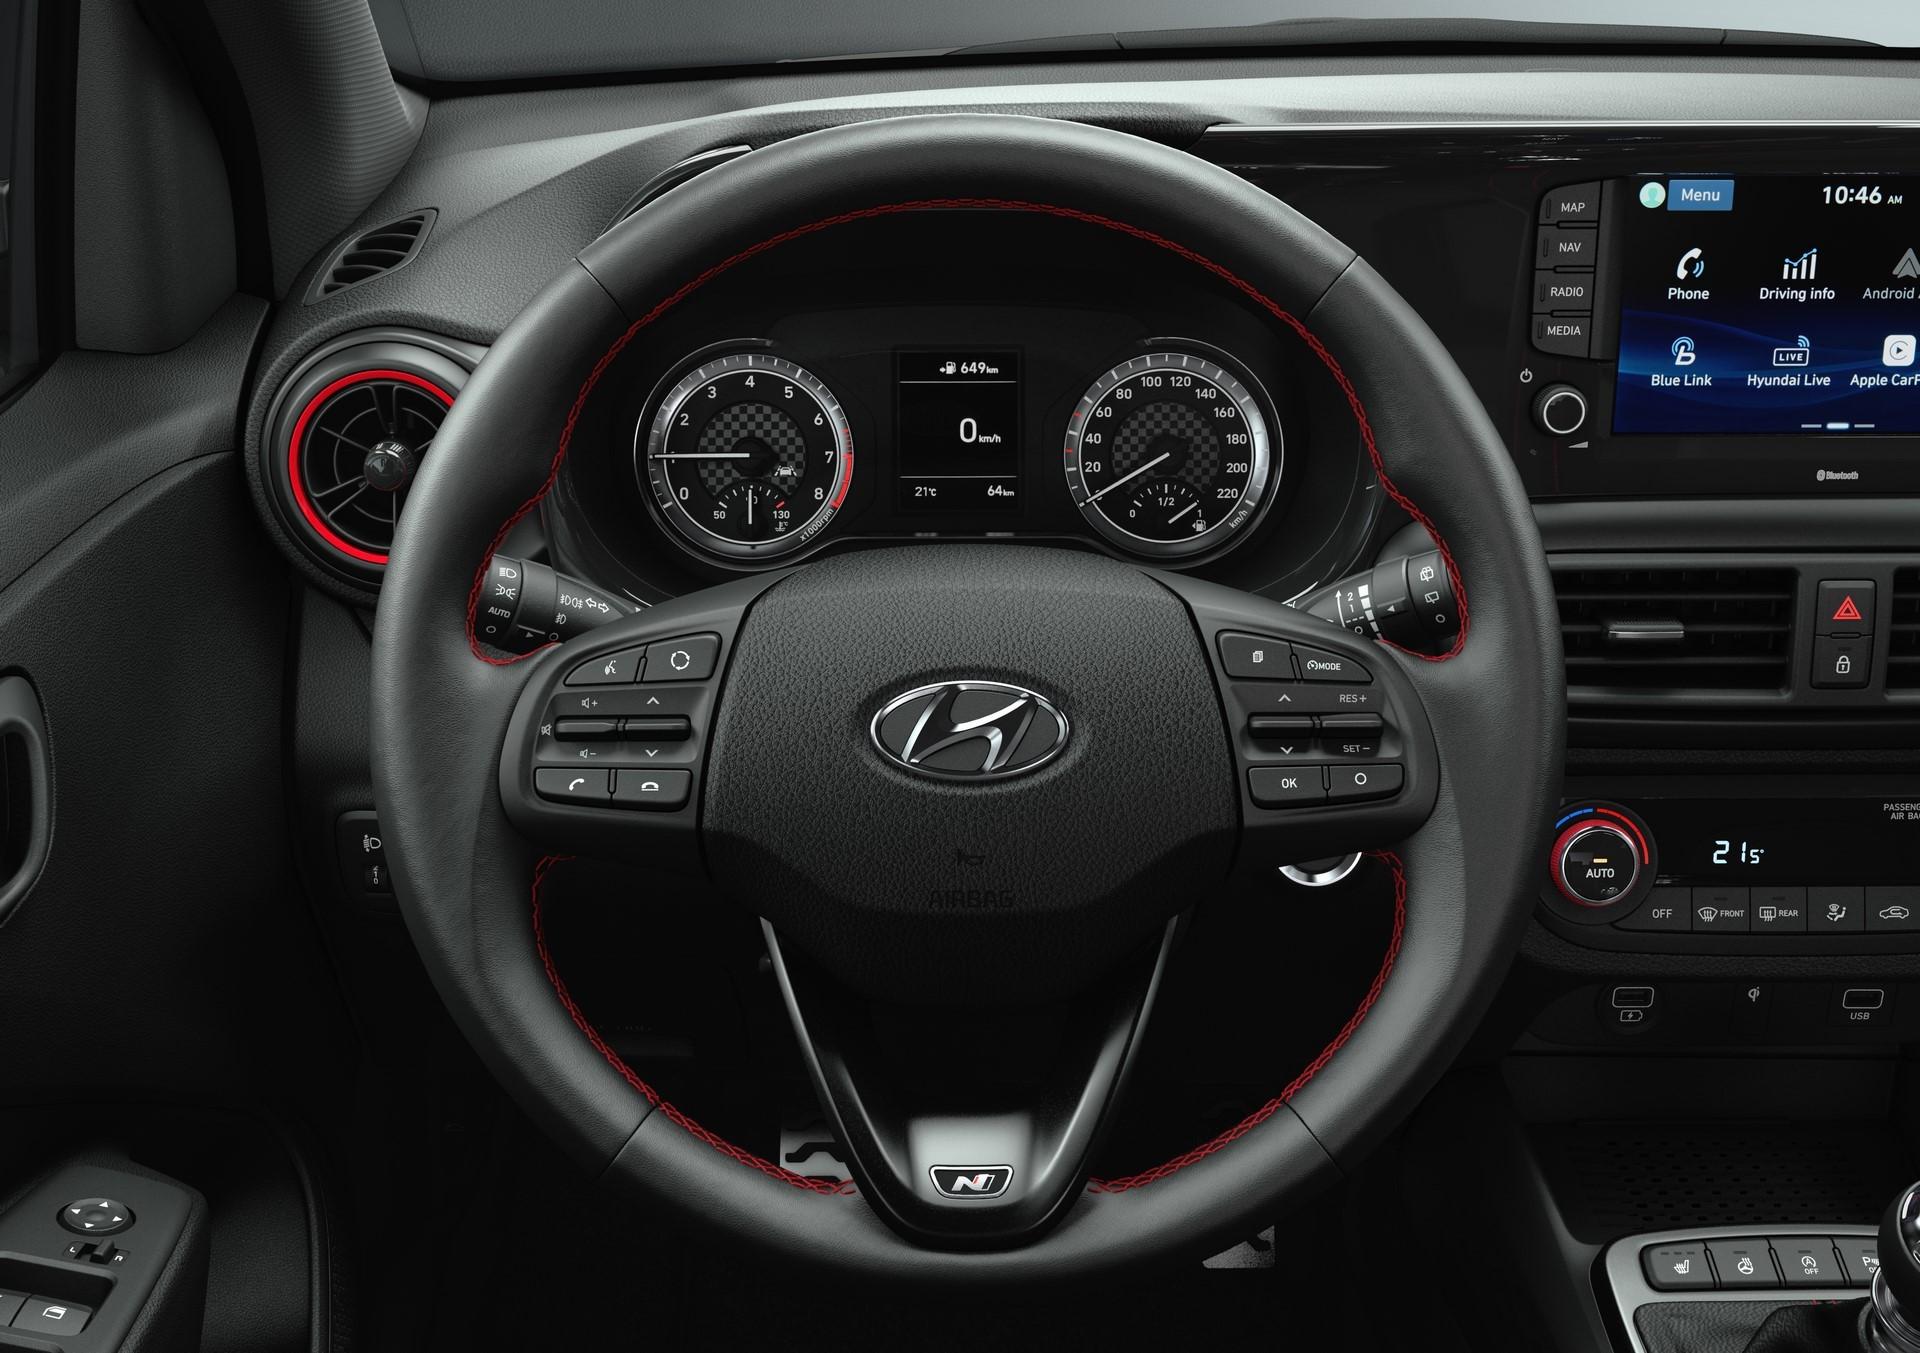 Hyundai-i10-N-Line-3